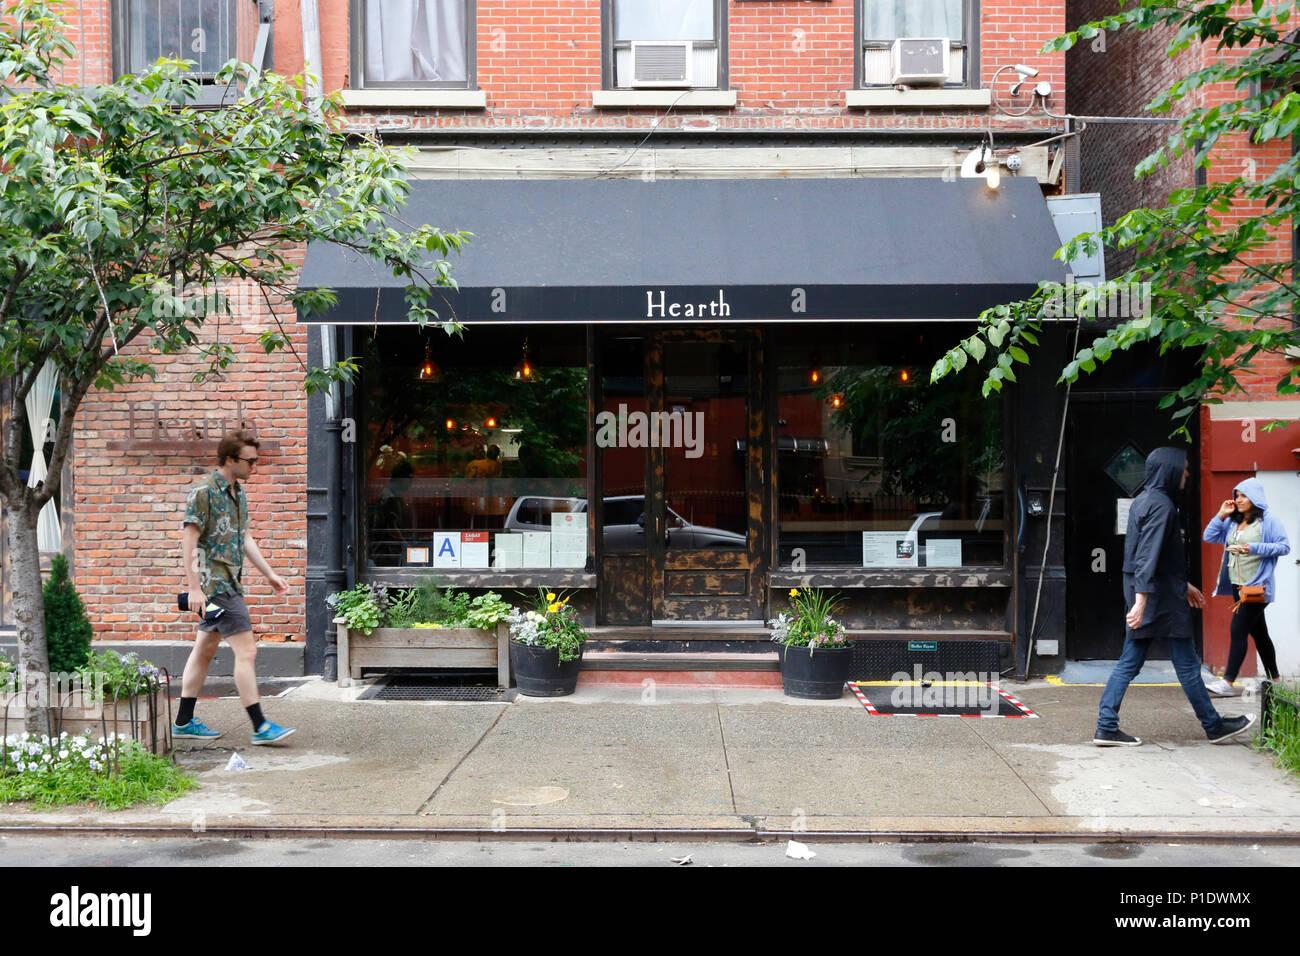 Hearth, 403 E 12th St, New York, NY - Stock Image